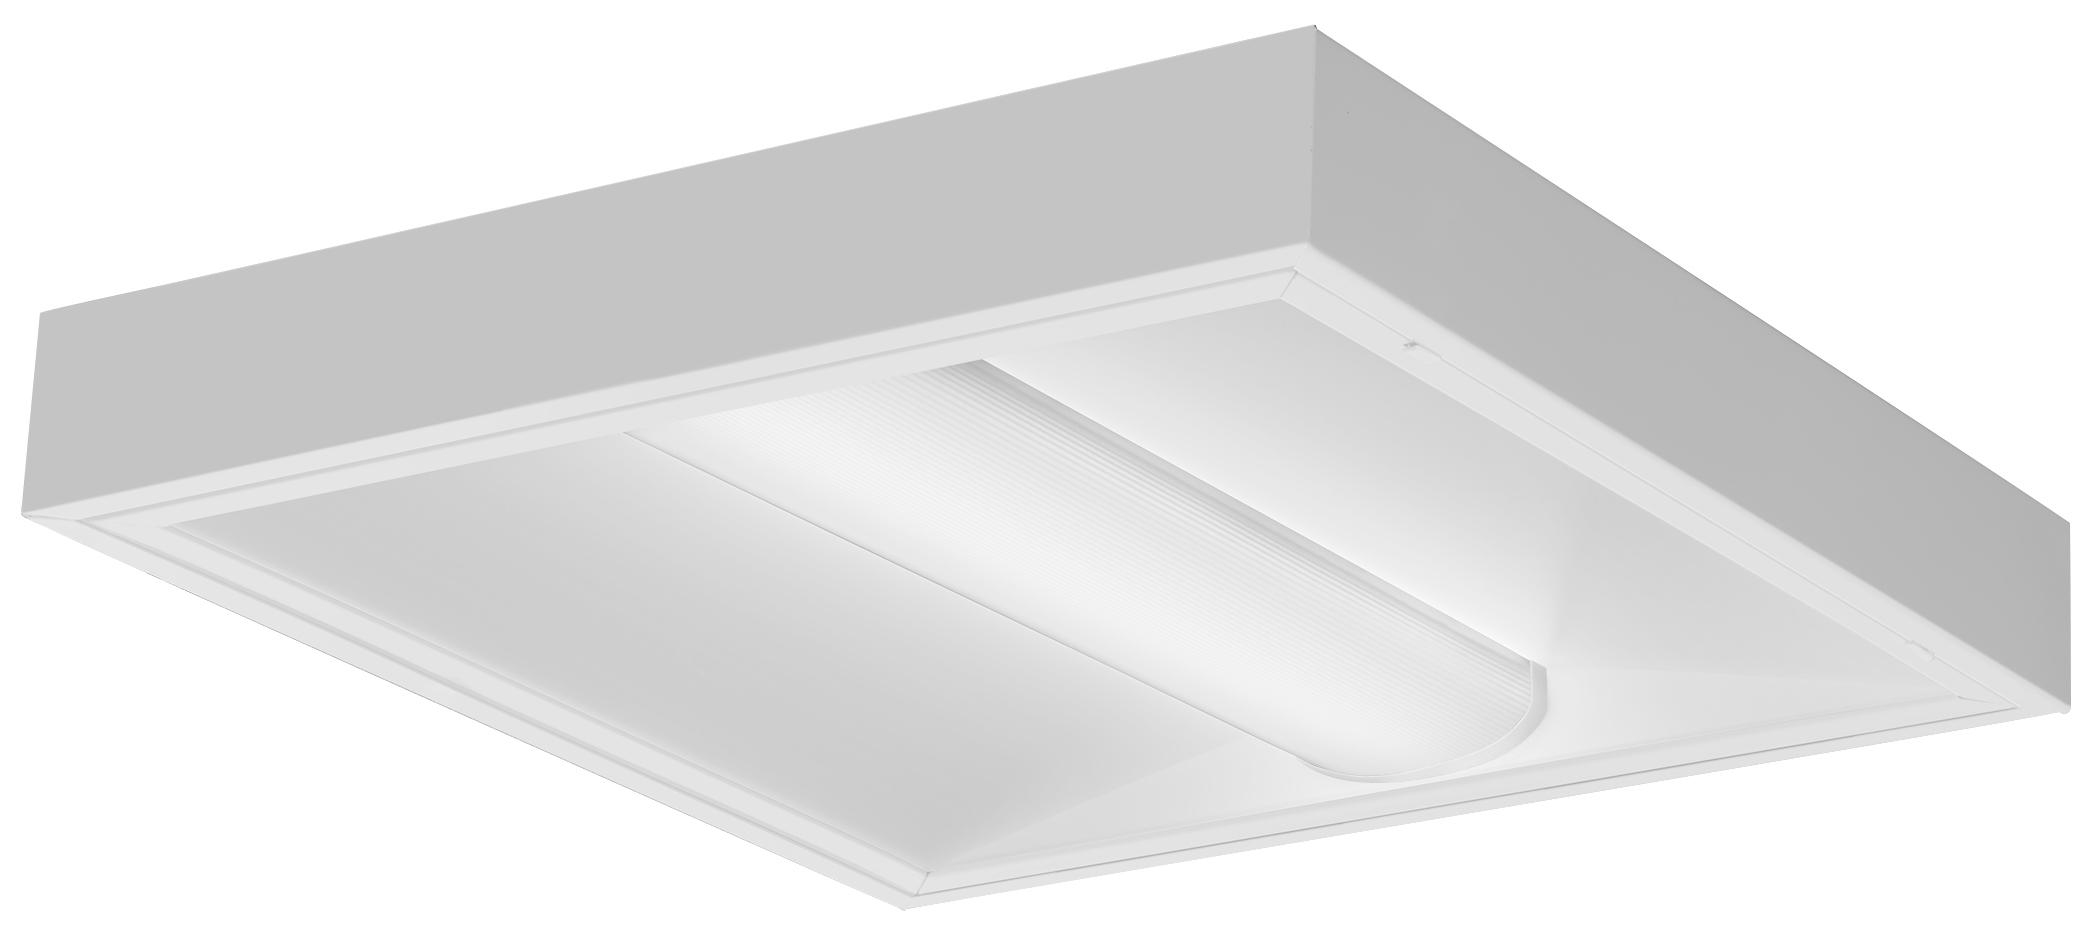 BLTX Surface Light